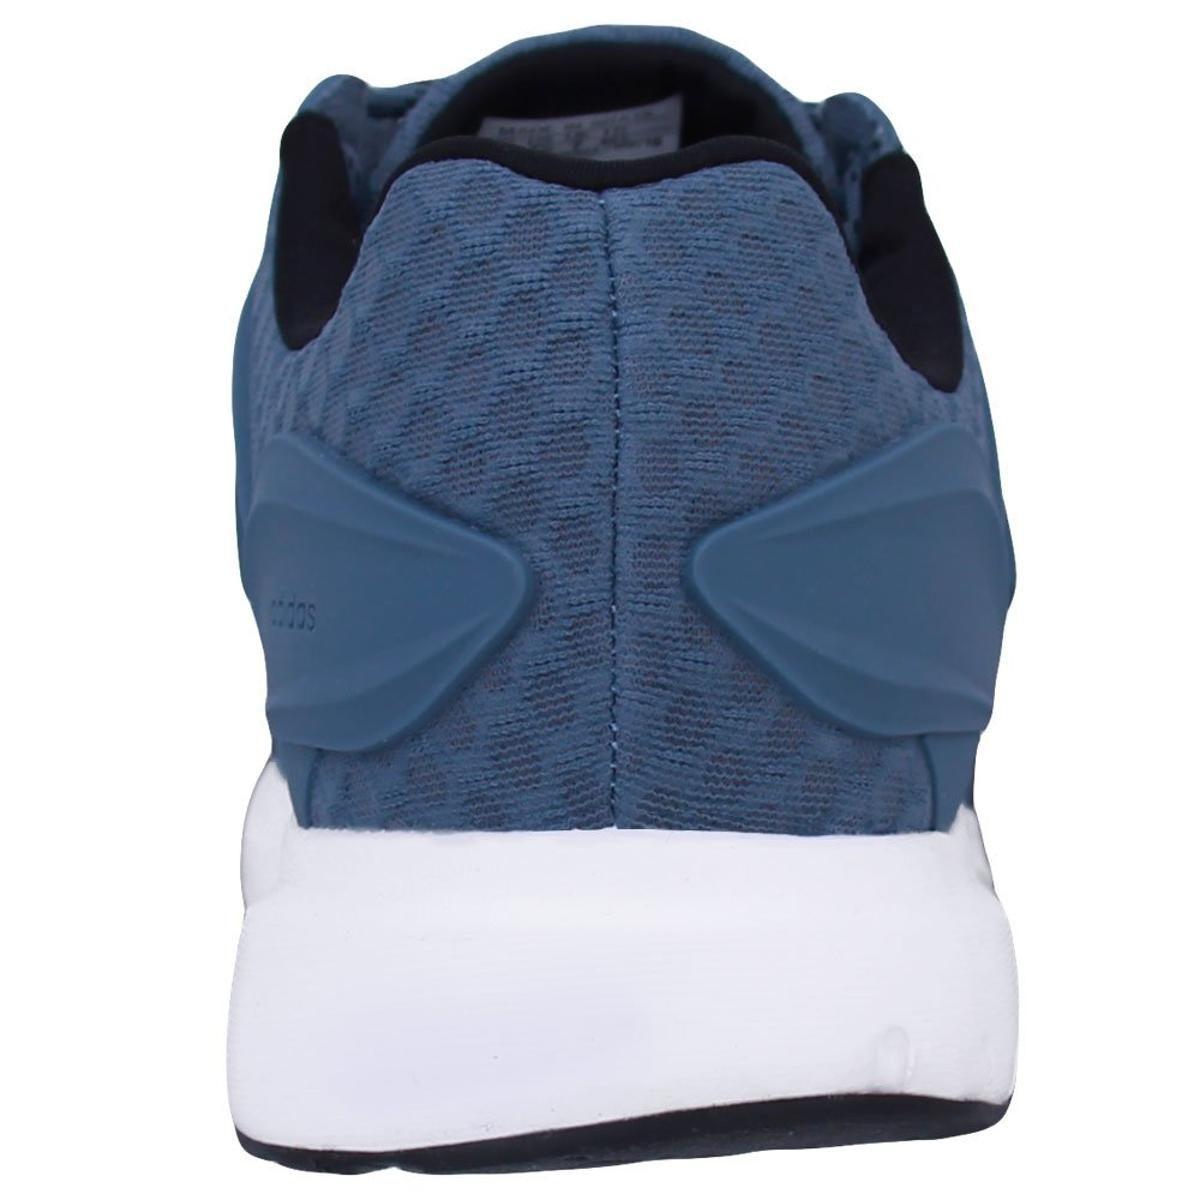 b4f1ad377e Tênis Adidas Starlux Masculino - Azul e Branco